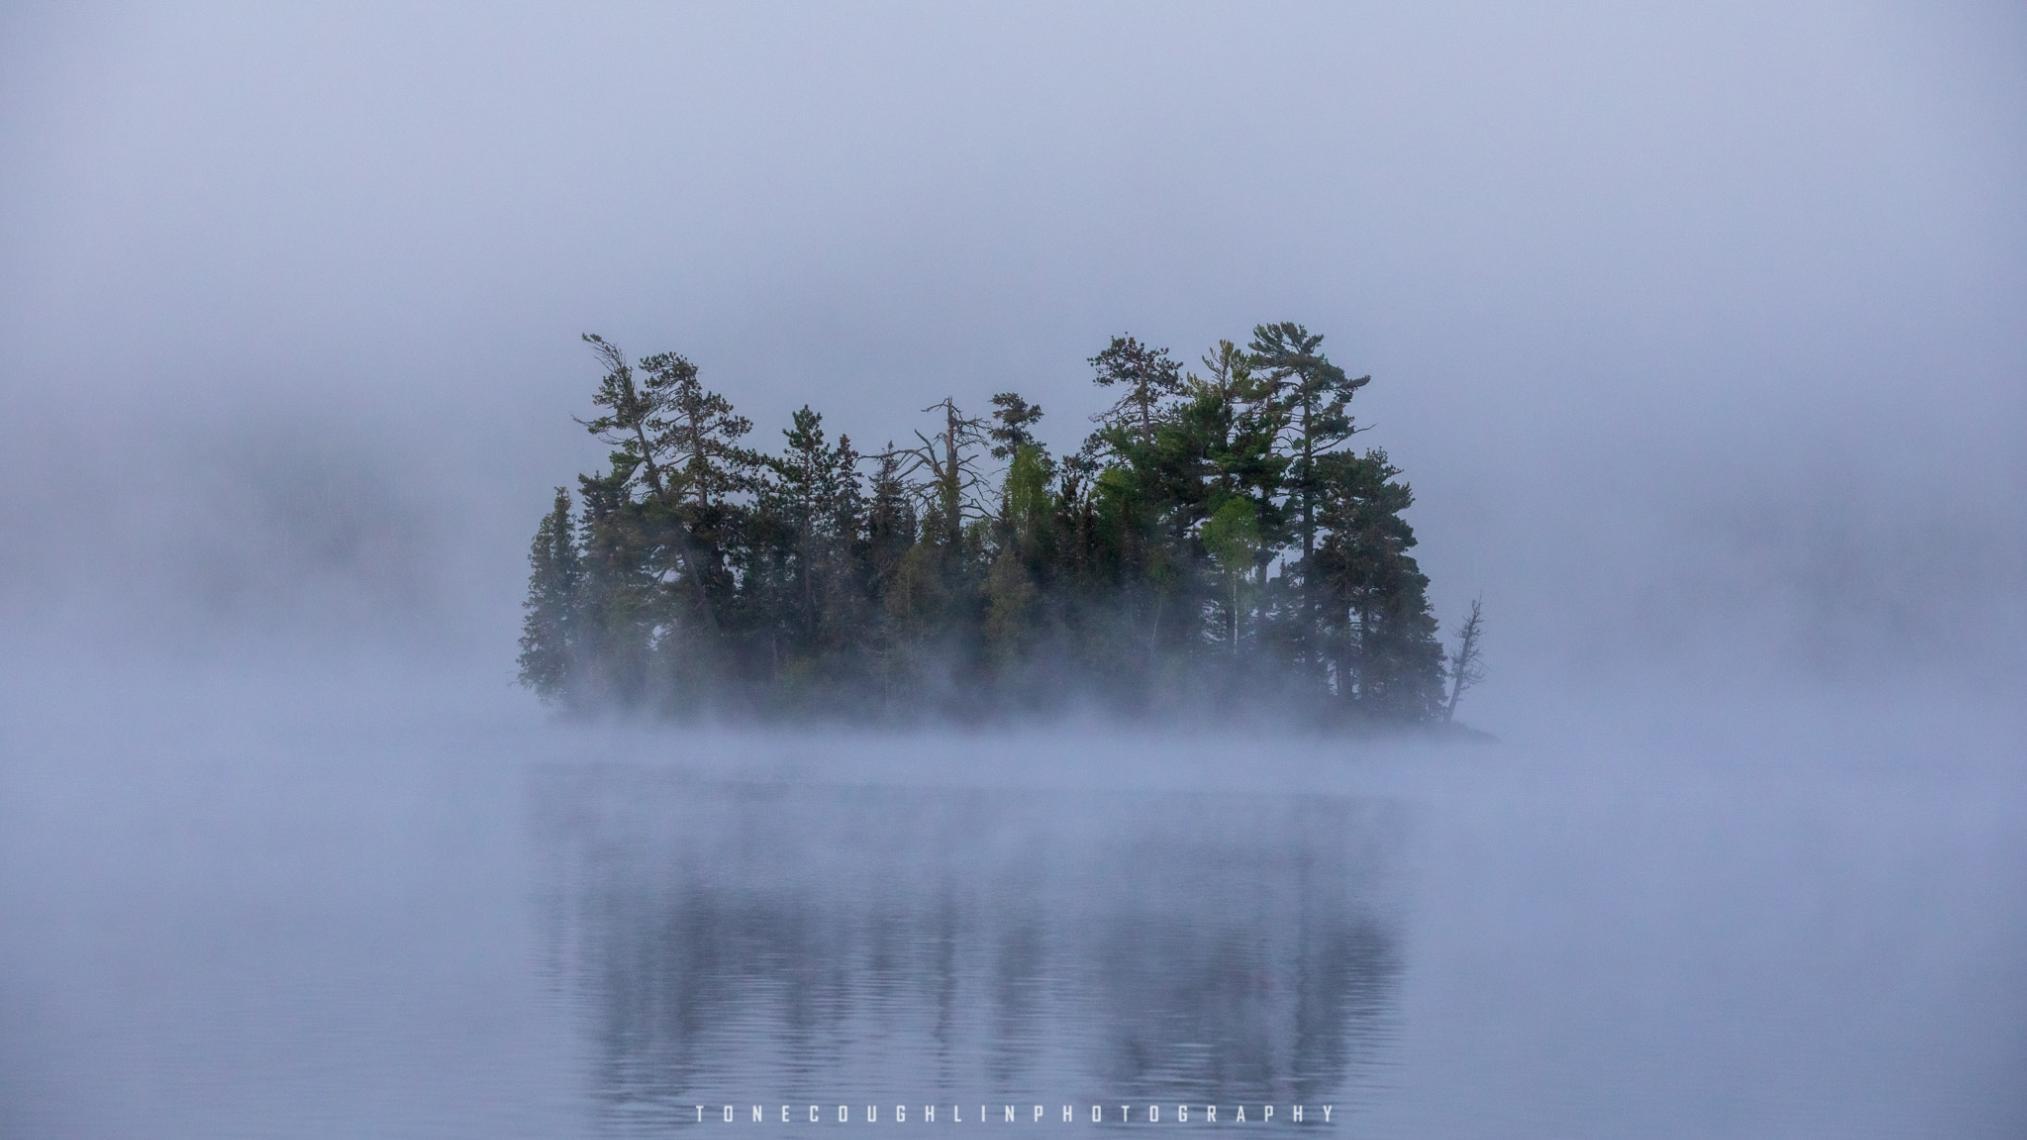 Foggy Morning on Pine Lake